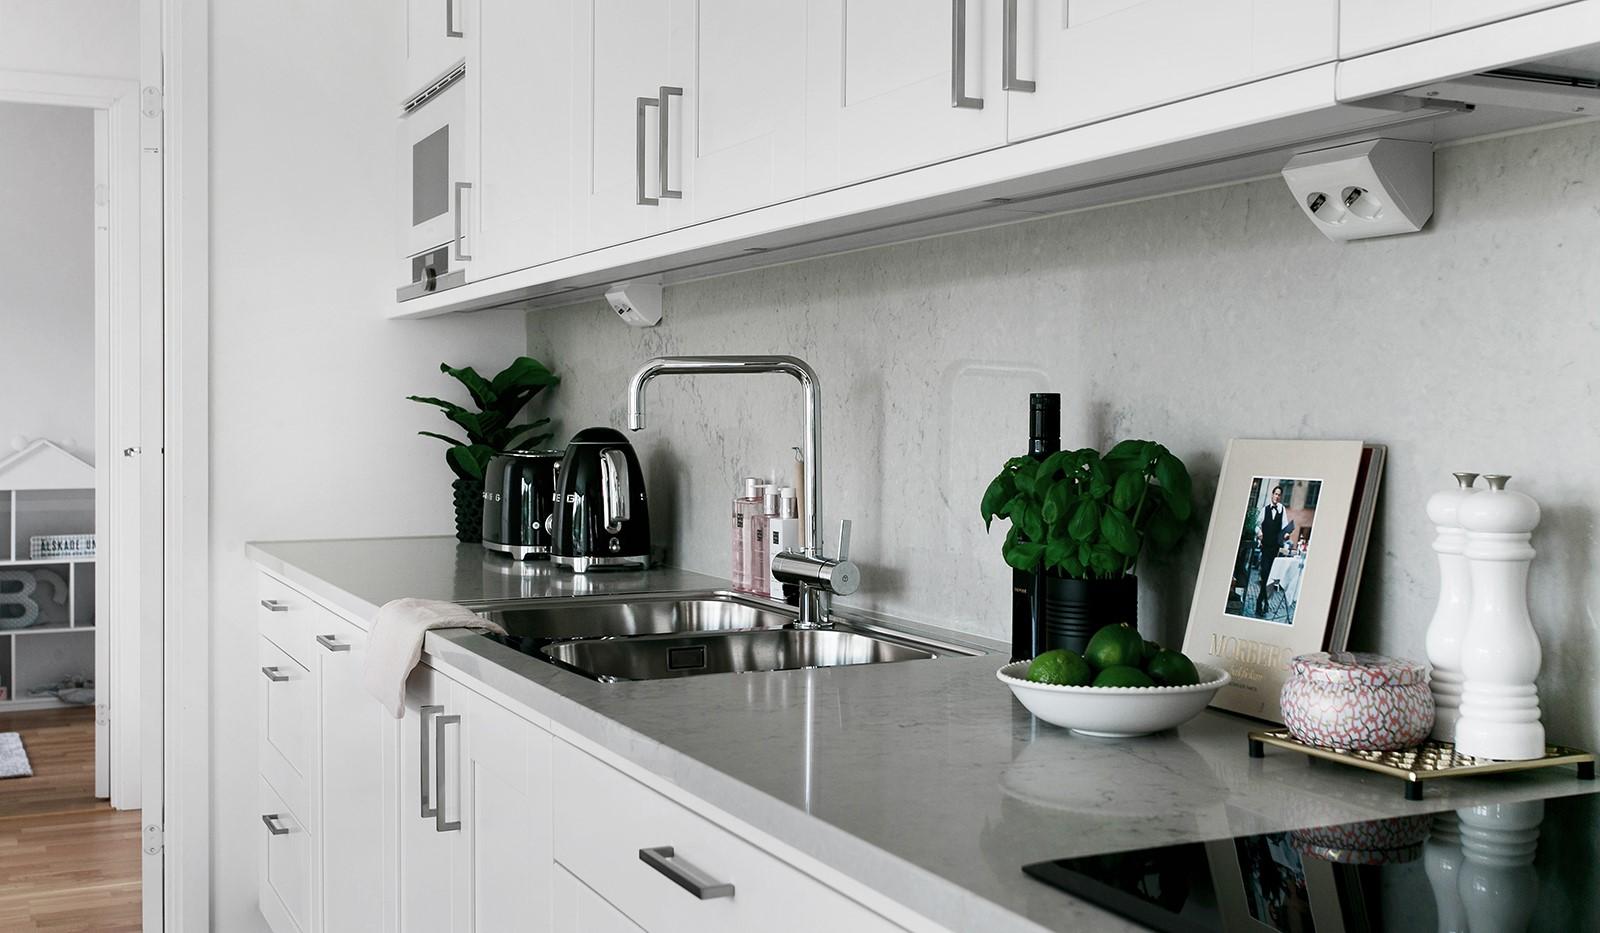 Oskarslundsbacken 13, 2tr - Stilrena materialval med marmor i köket